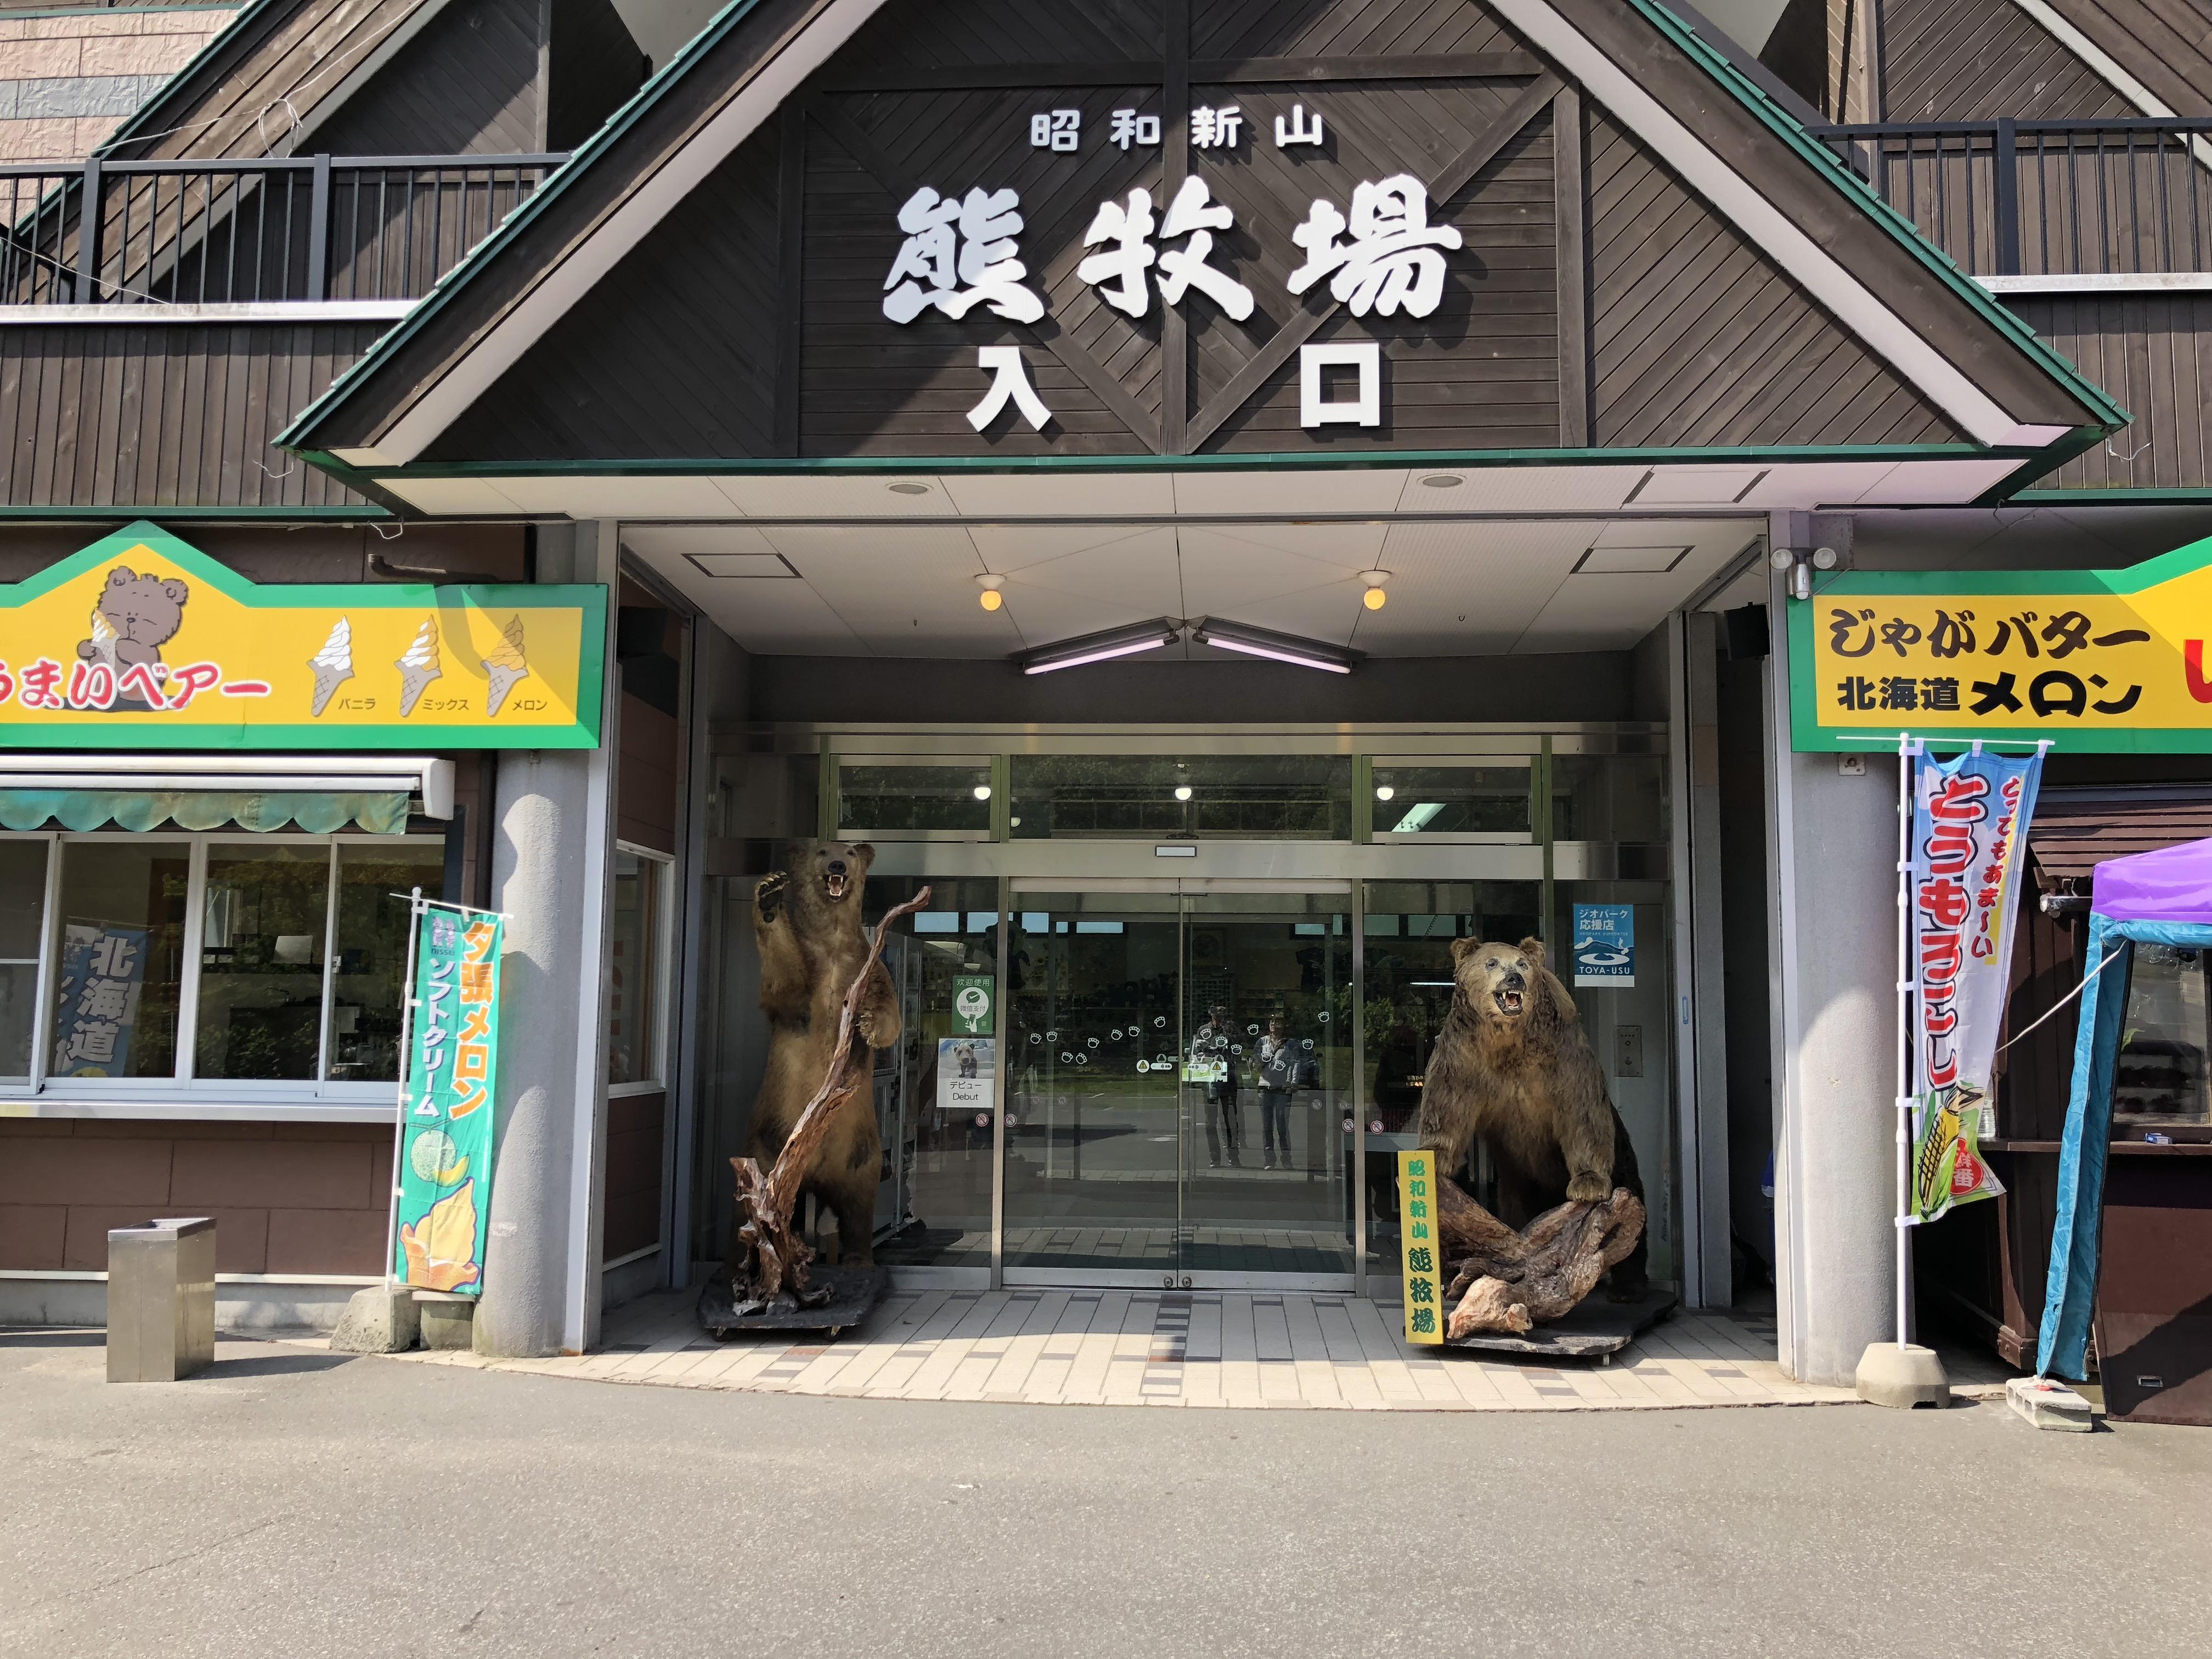 昭和新山熊牧場の入り口